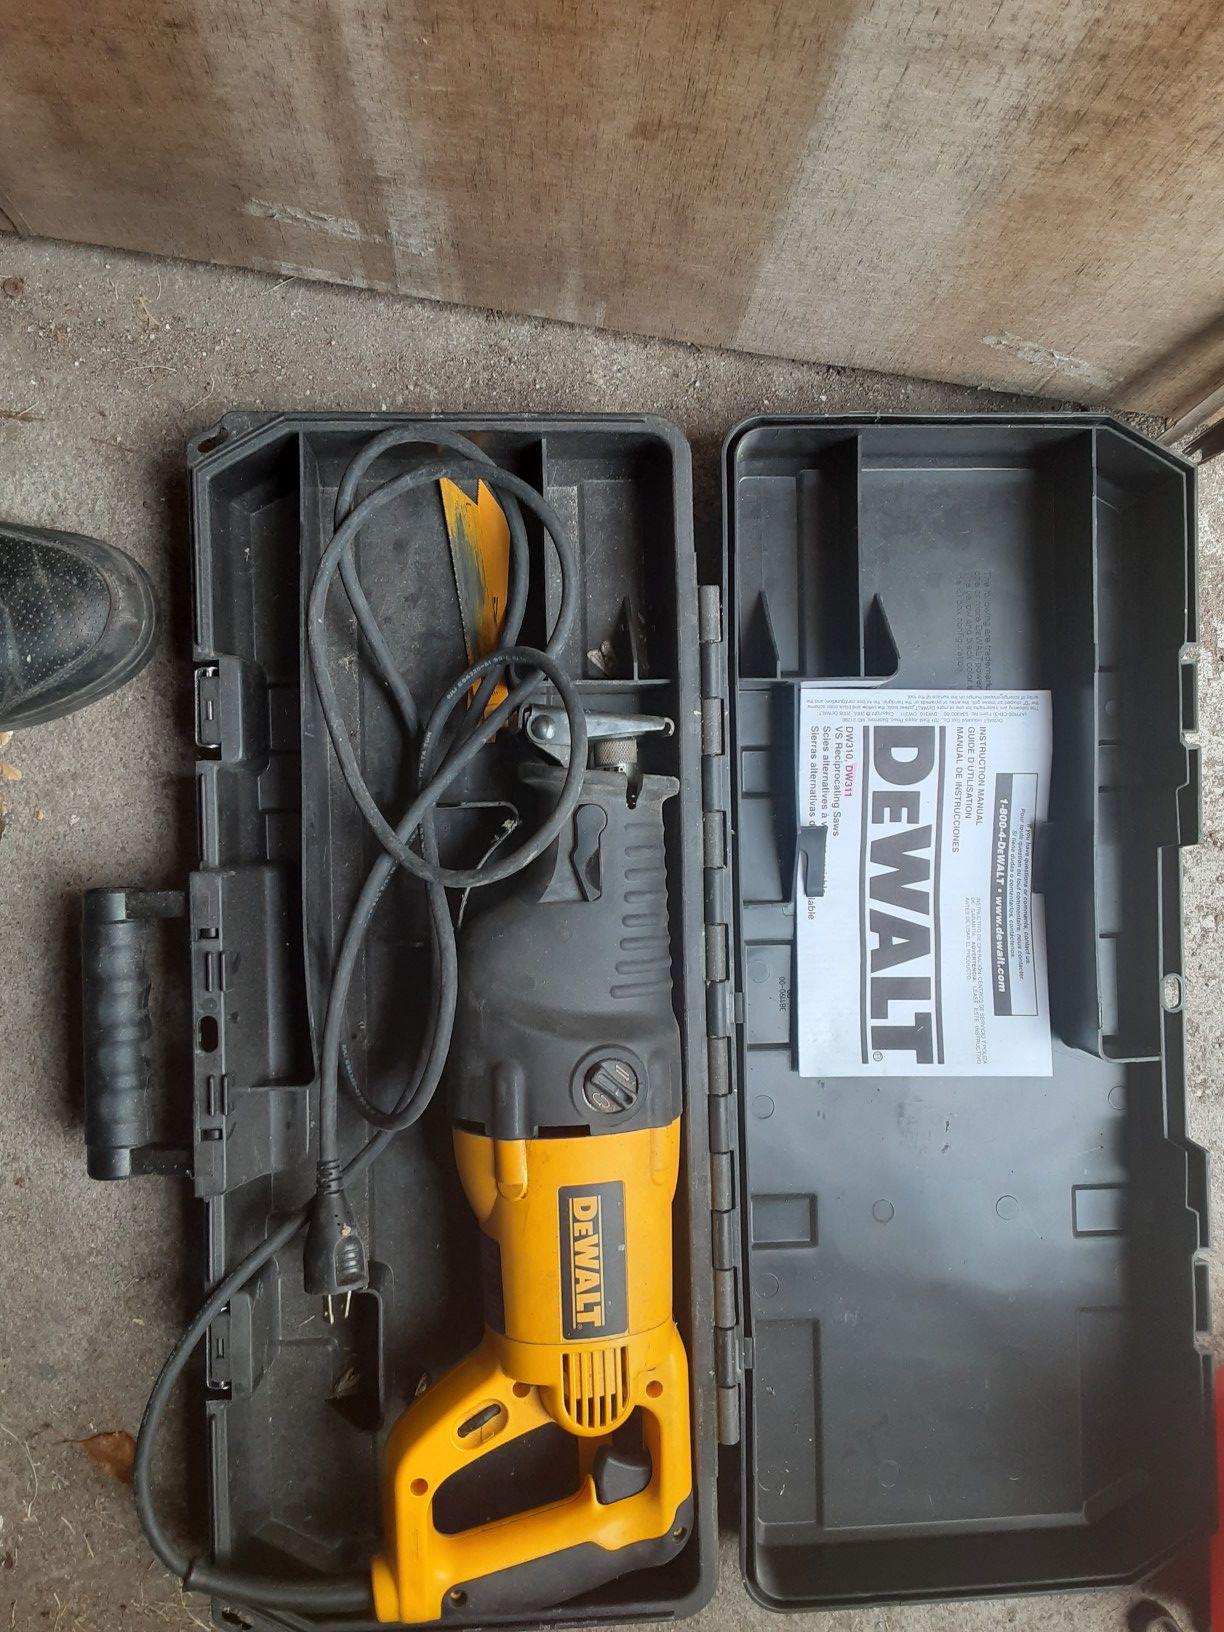 Dealt saw saw